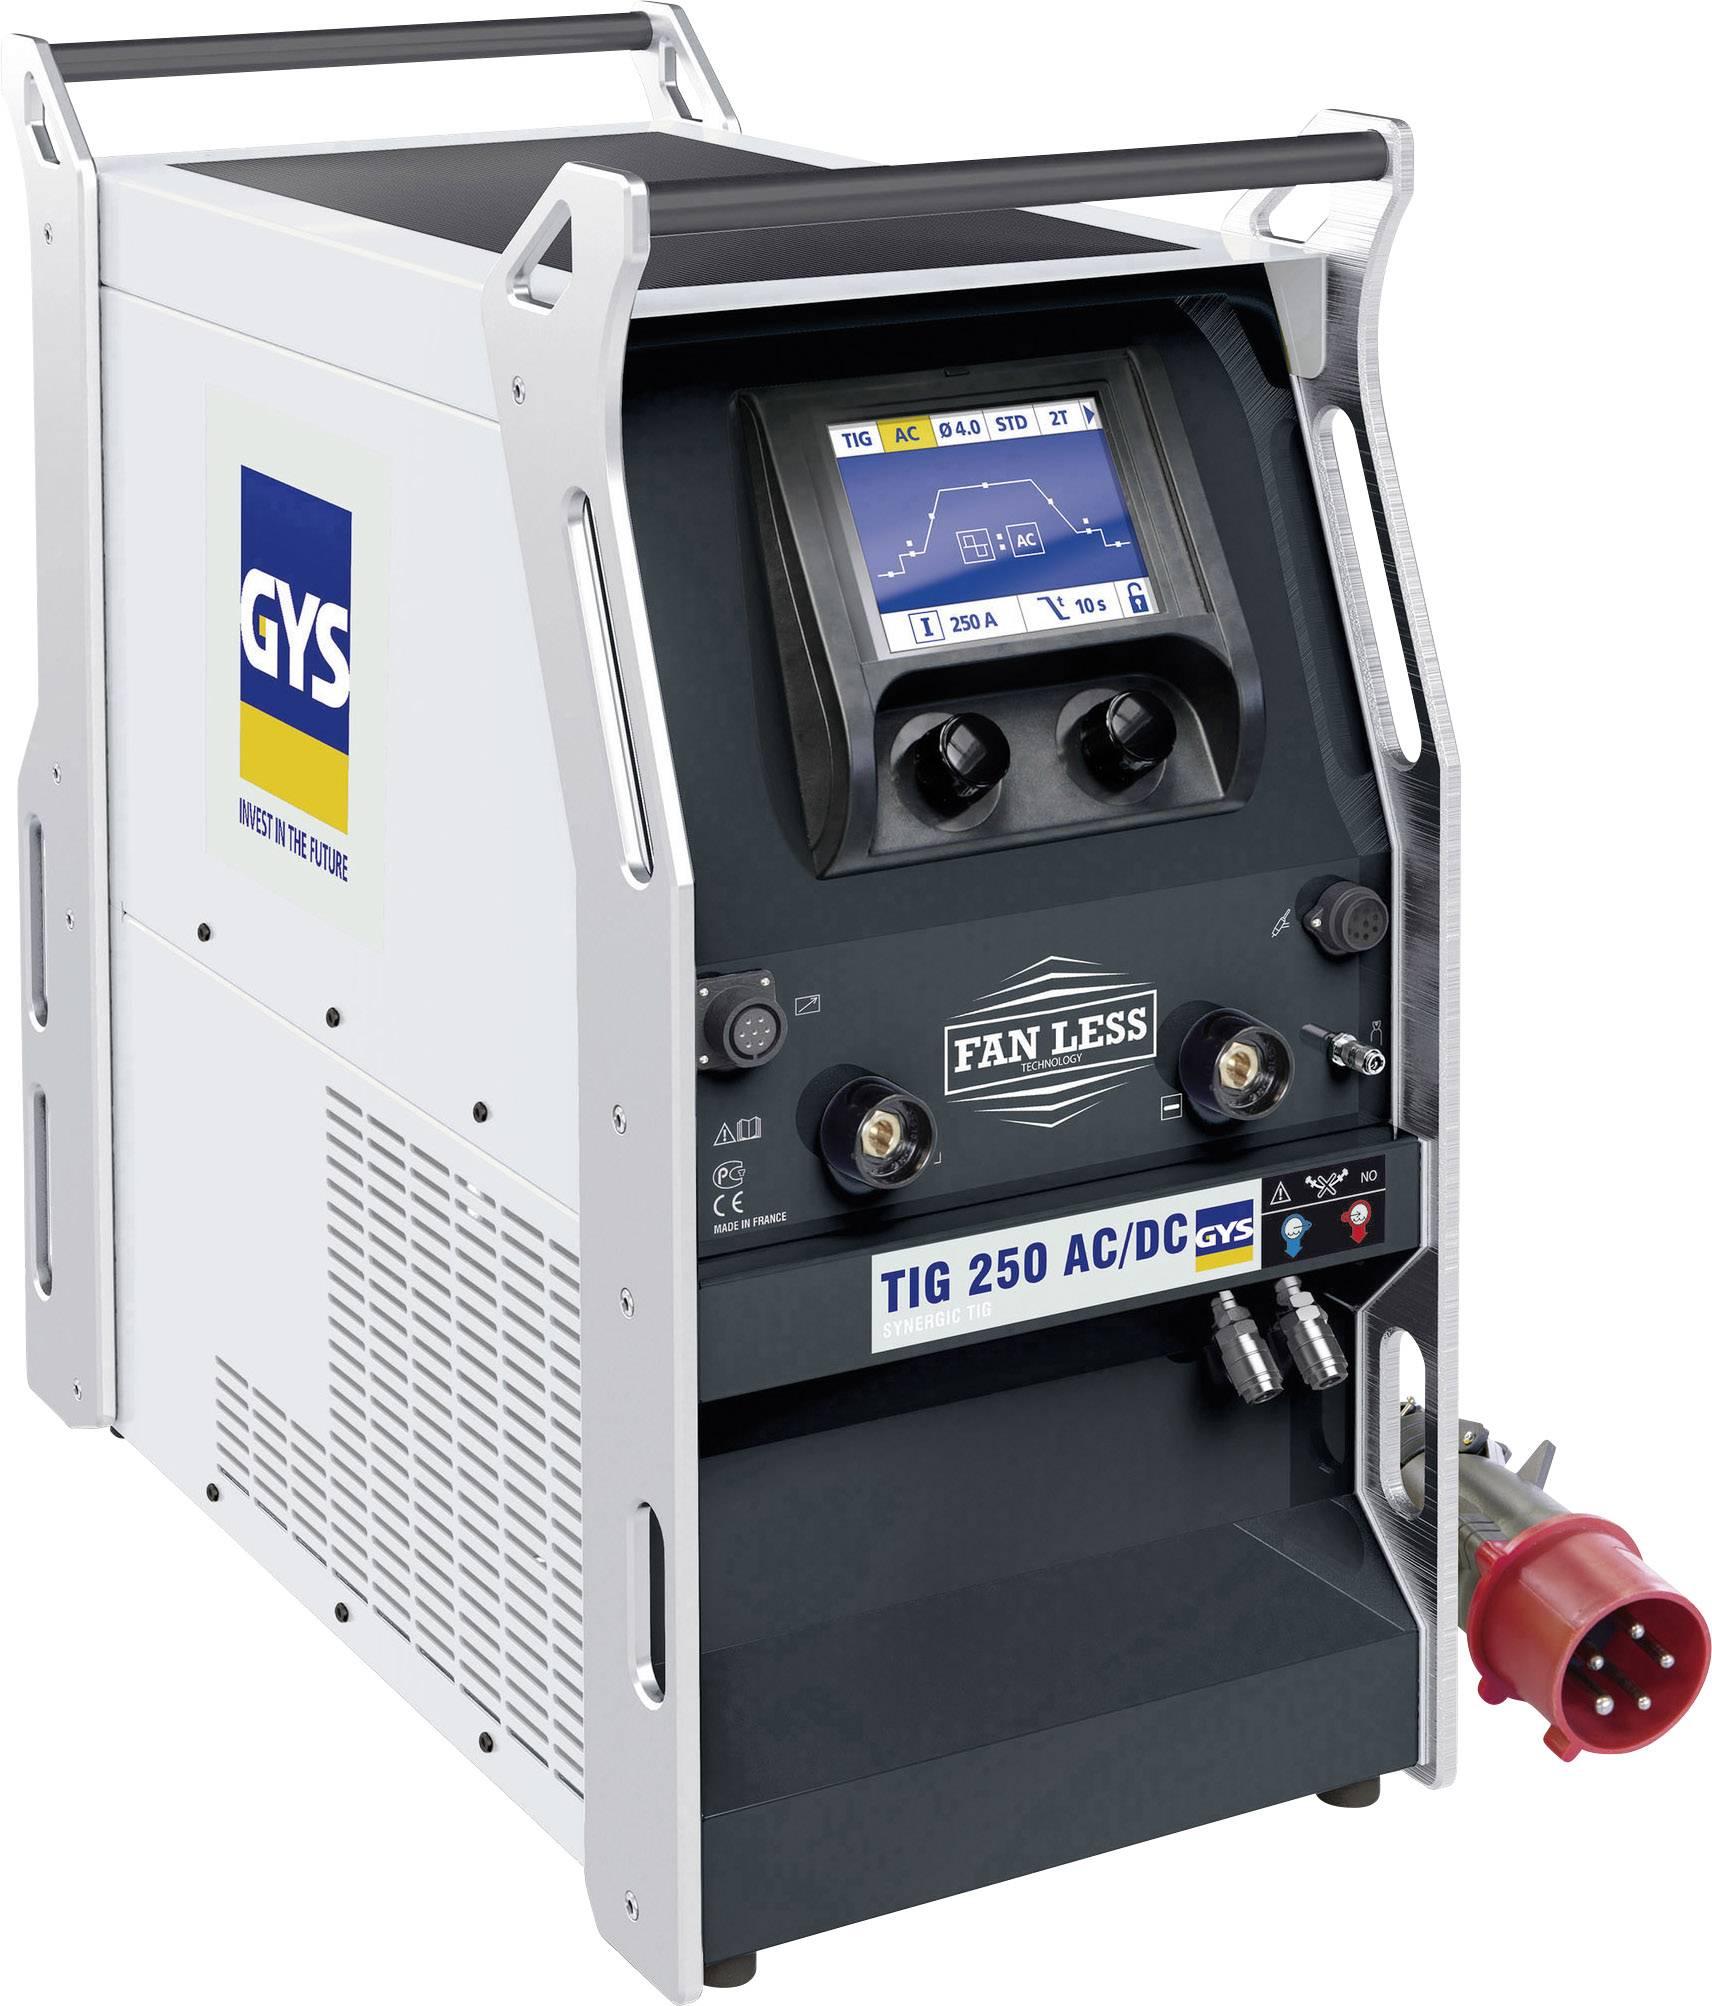 Underbar GYS TIG 250 AC/DC TIG-svets 10 - 250 A | Conrad.se OL-17